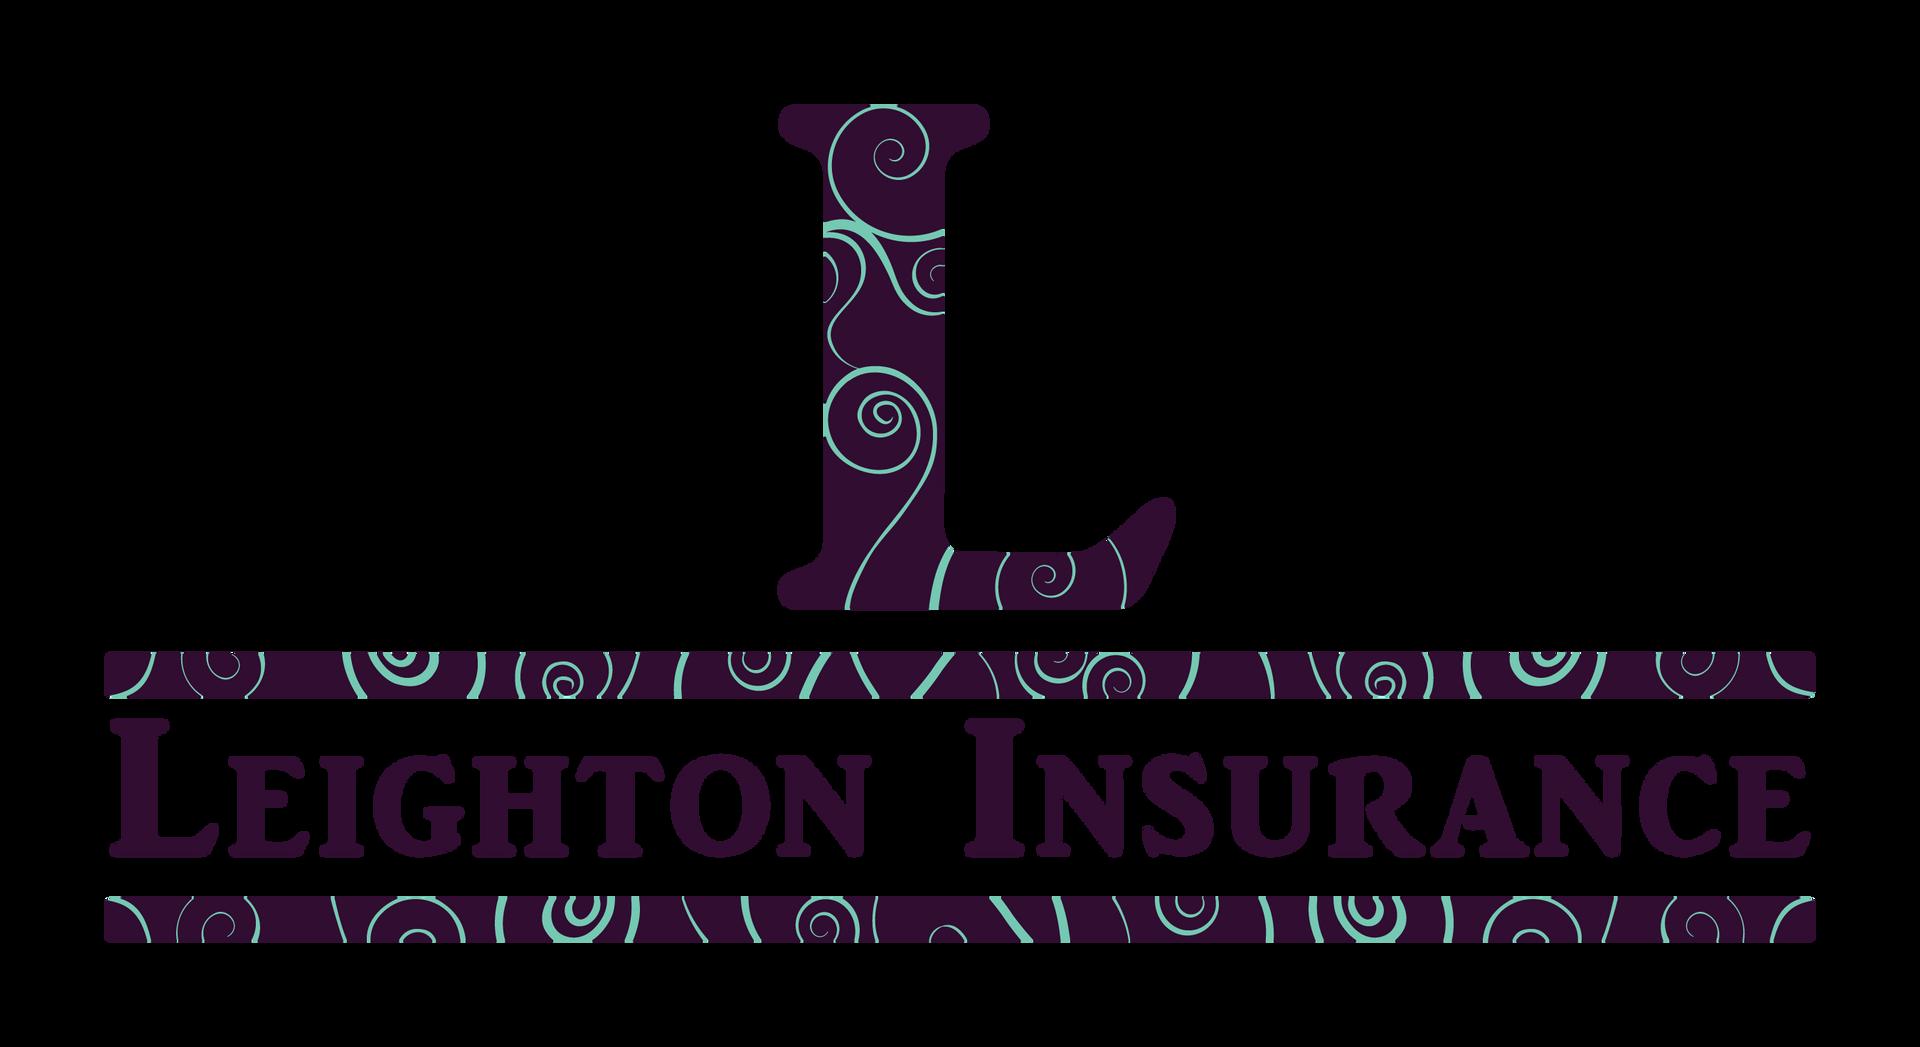 LeightonInsurancePurpleTealLogo.png